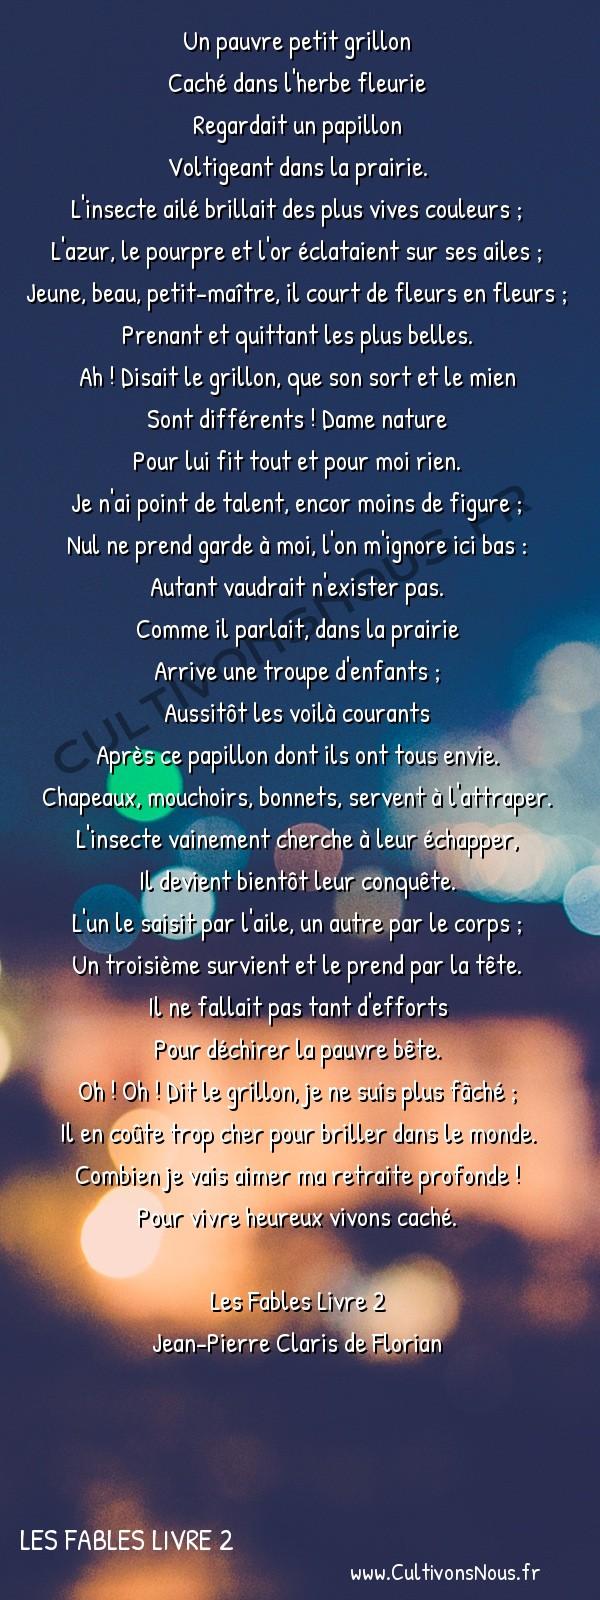 Poésie Jean-Pierre Claris de Florian - Les Fables Livre 2 - Le grillon -  Un pauvre petit grillon Caché dans l'herbe fleurie